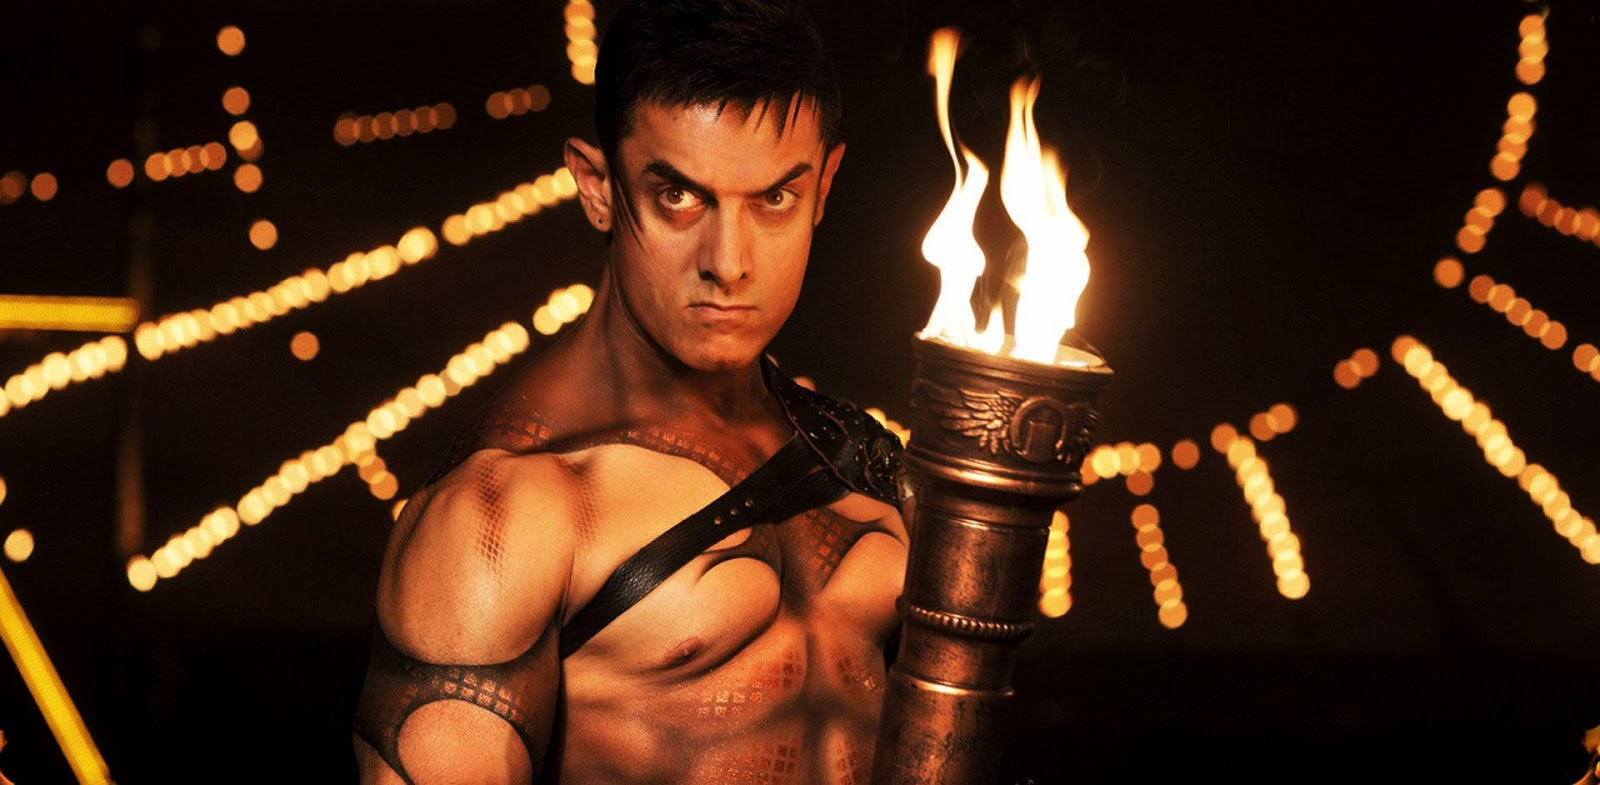 Aamir khan Dhoom3 Movie HD Wallpapers Free Download ...